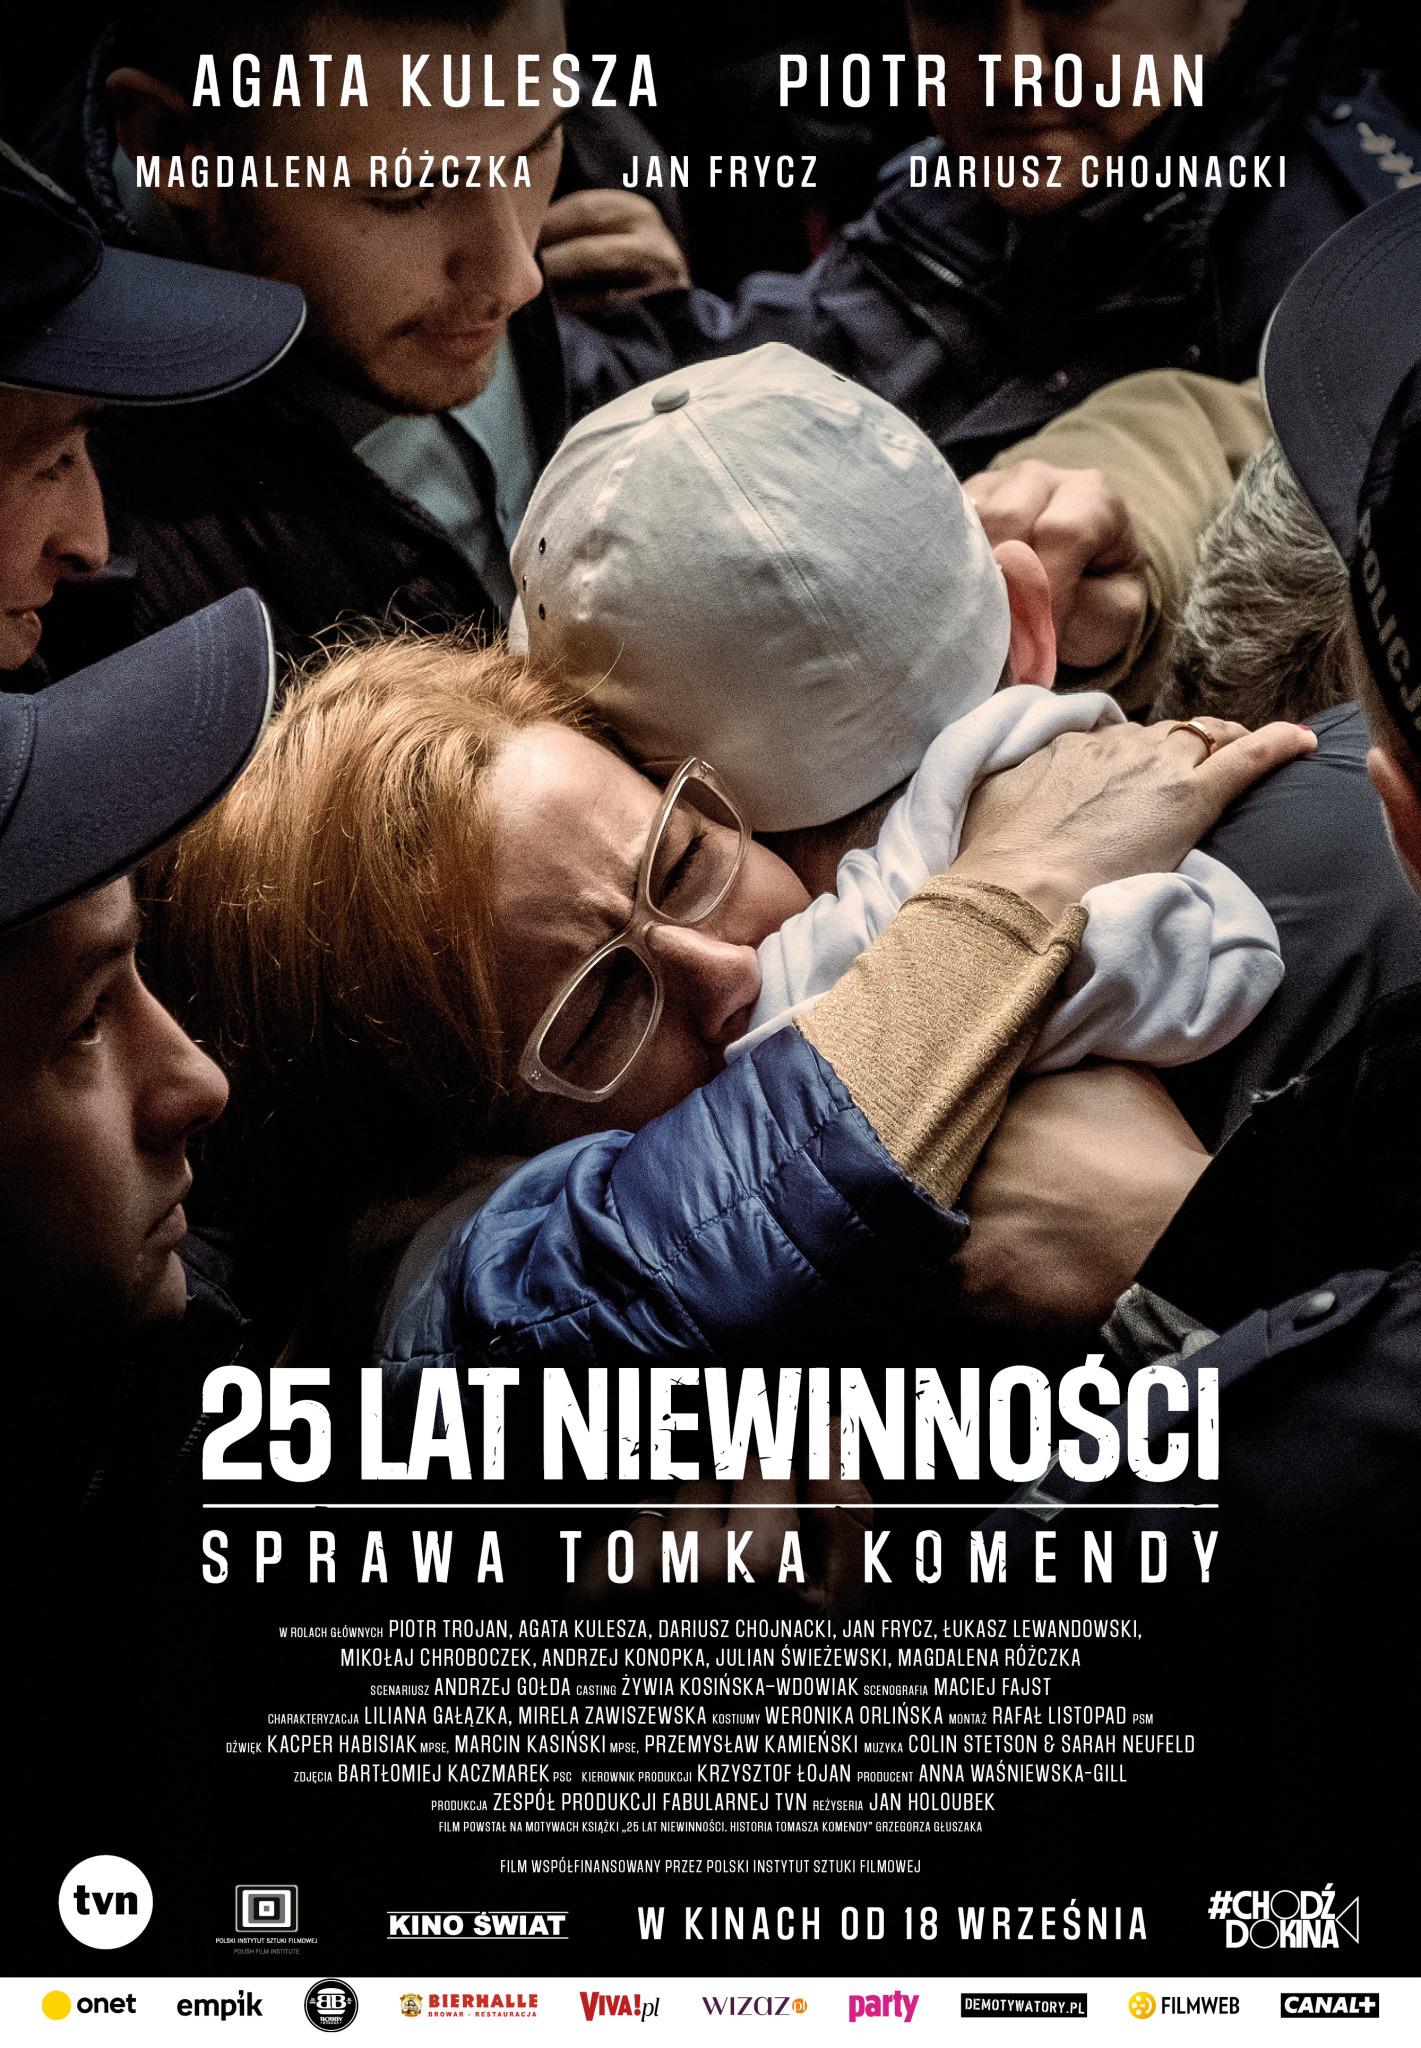 25 lat niewinności. Sprawa Tomka Komendy (2020) Cały Film CDA PL